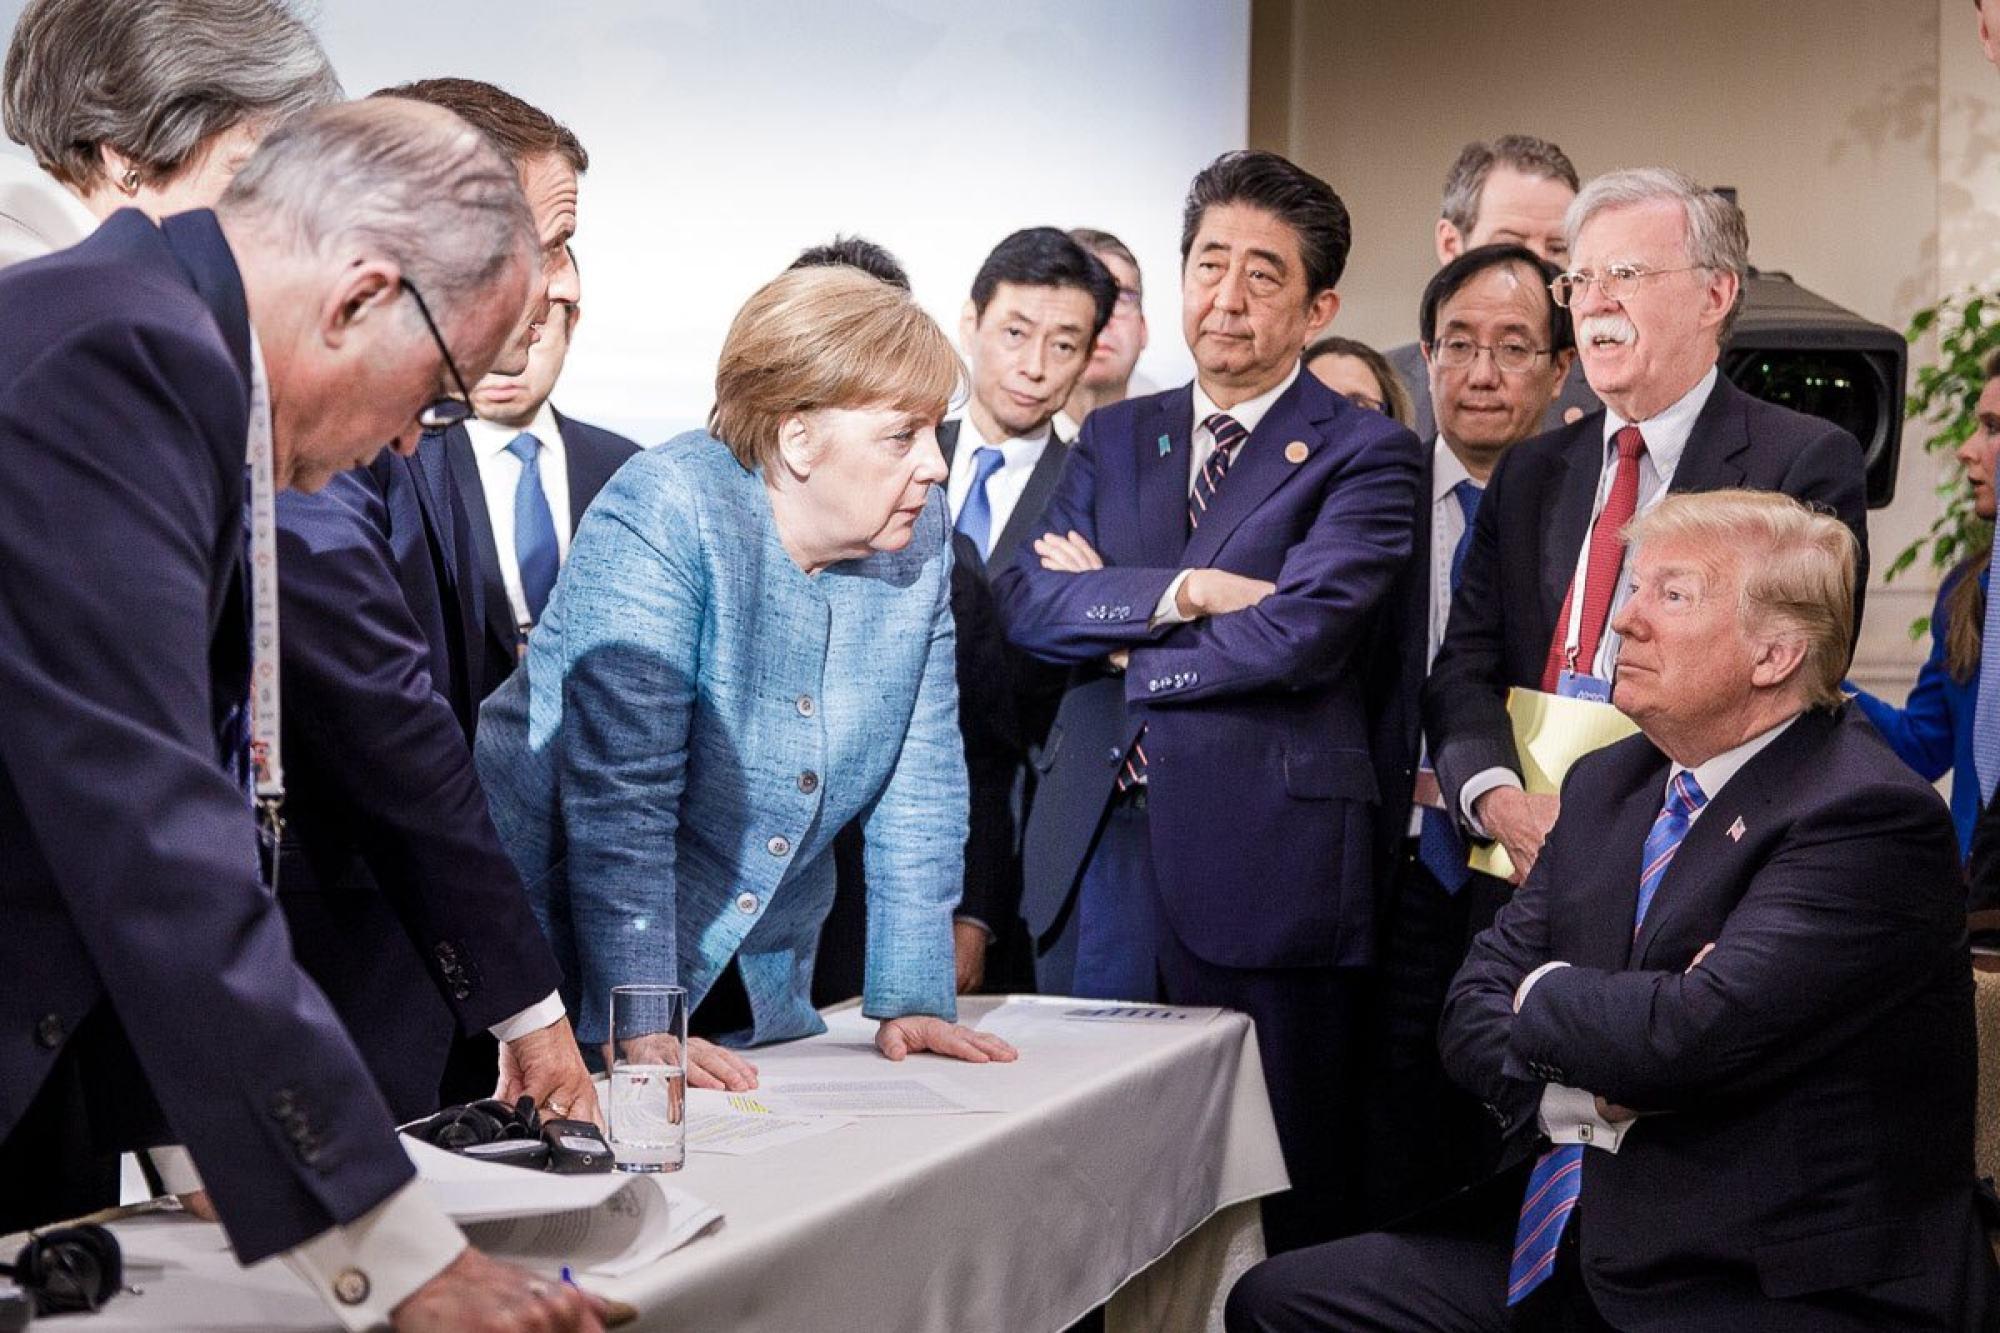 Bức ảnh chụp bà Merkel cùng nhà lãnh đạo G7 khác trong cuộc họp của Hội nghị thượng đỉnh G7 ở Canada, vào năm 2018, đã lan truyền nhanh chóng vì biểu hiện quyết đoán của bà khi đối đầu với Tổng thống Mỹ Donald Trump. Trong dịp này, cô mặc một chiếc áo khoác pha vải lanh màu xanh nhạt.